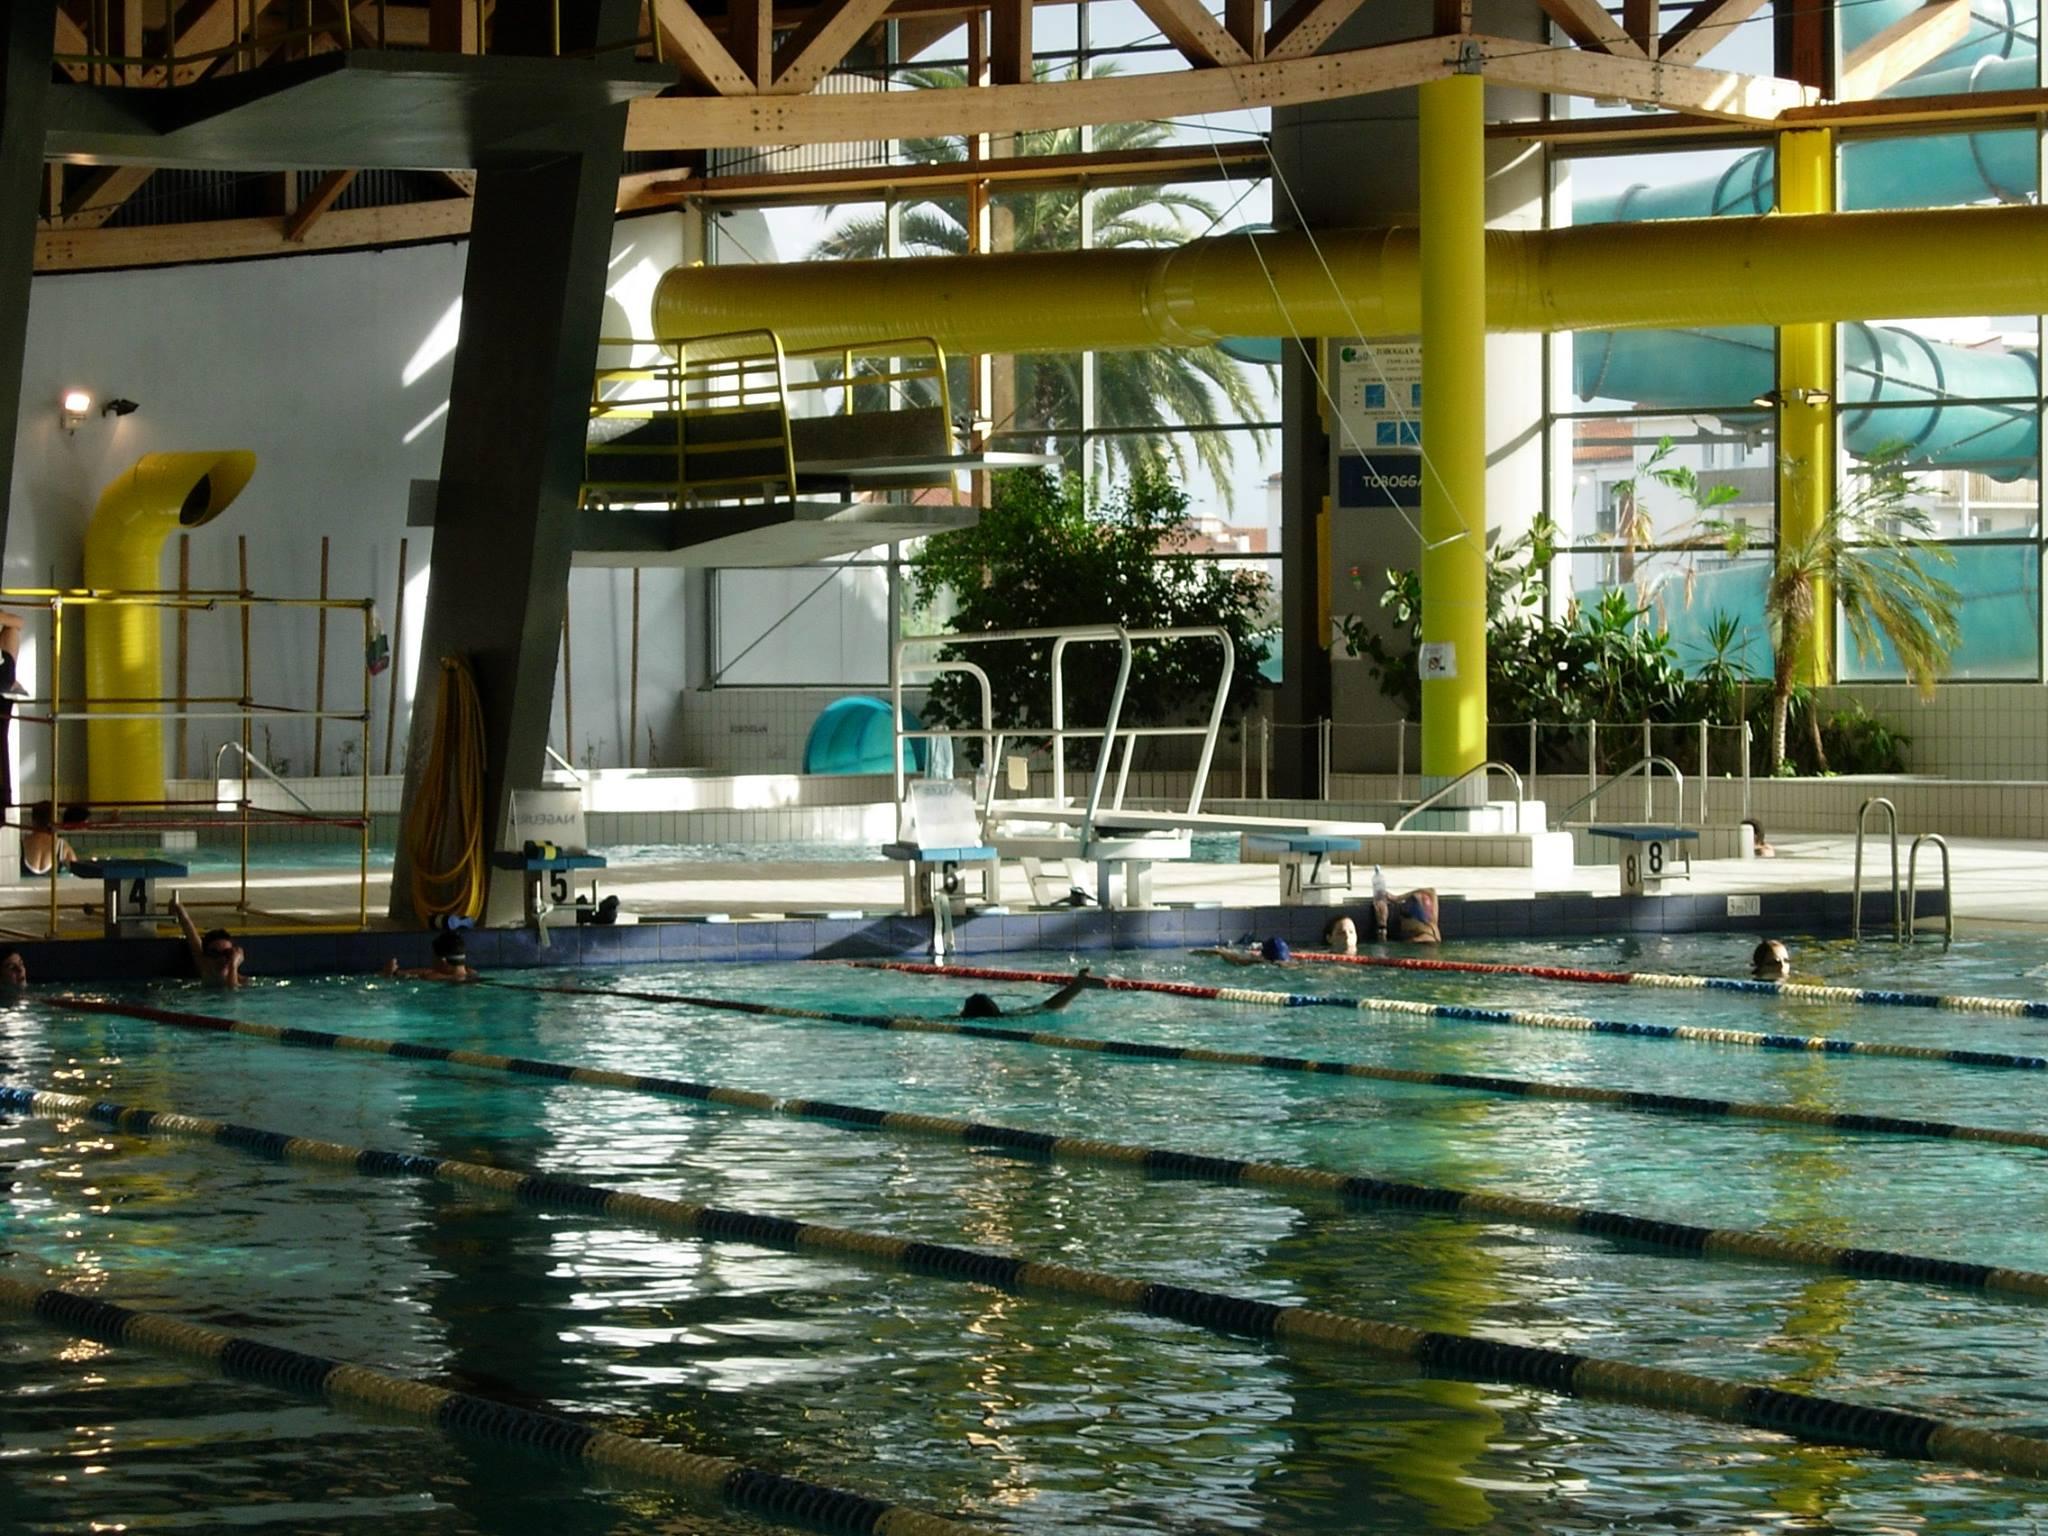 Espace Aquatique Moulin A Vent | Perpignan | Swimming-Pool tout Piscine Moulin A Vent